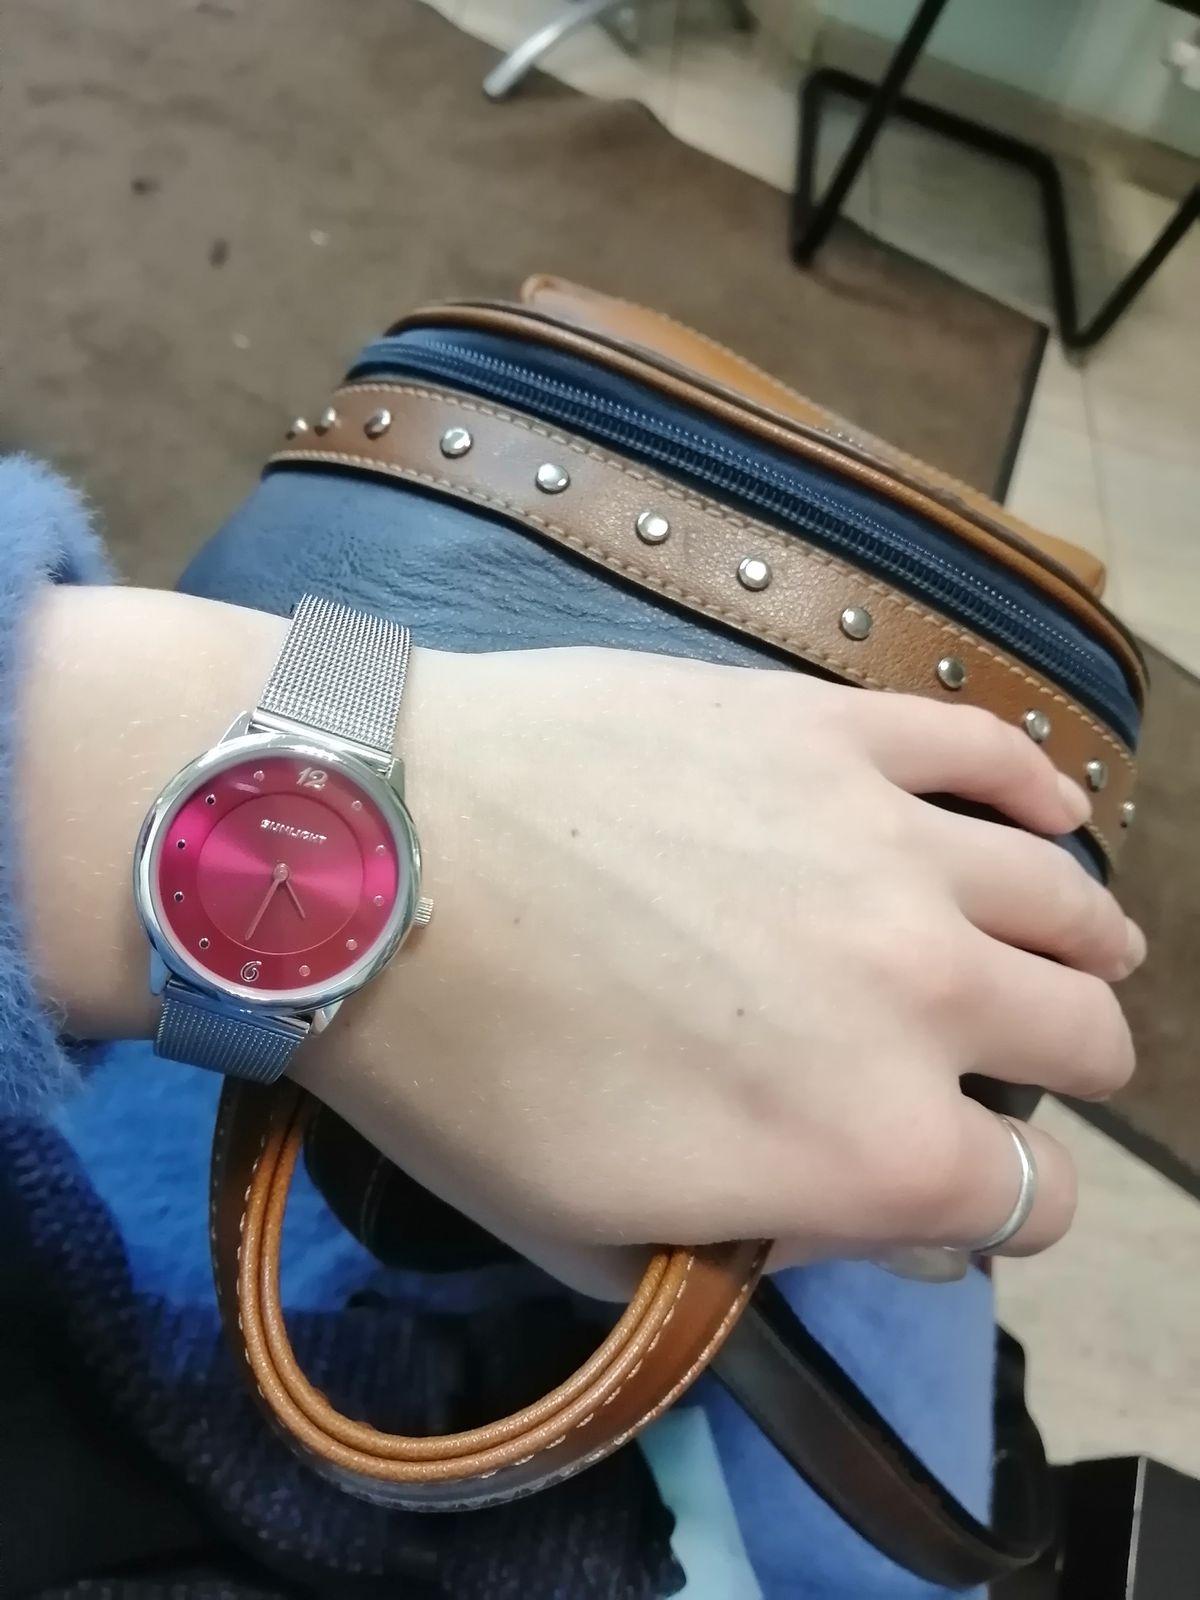 Женственный, стильные часы на миланском браслете)